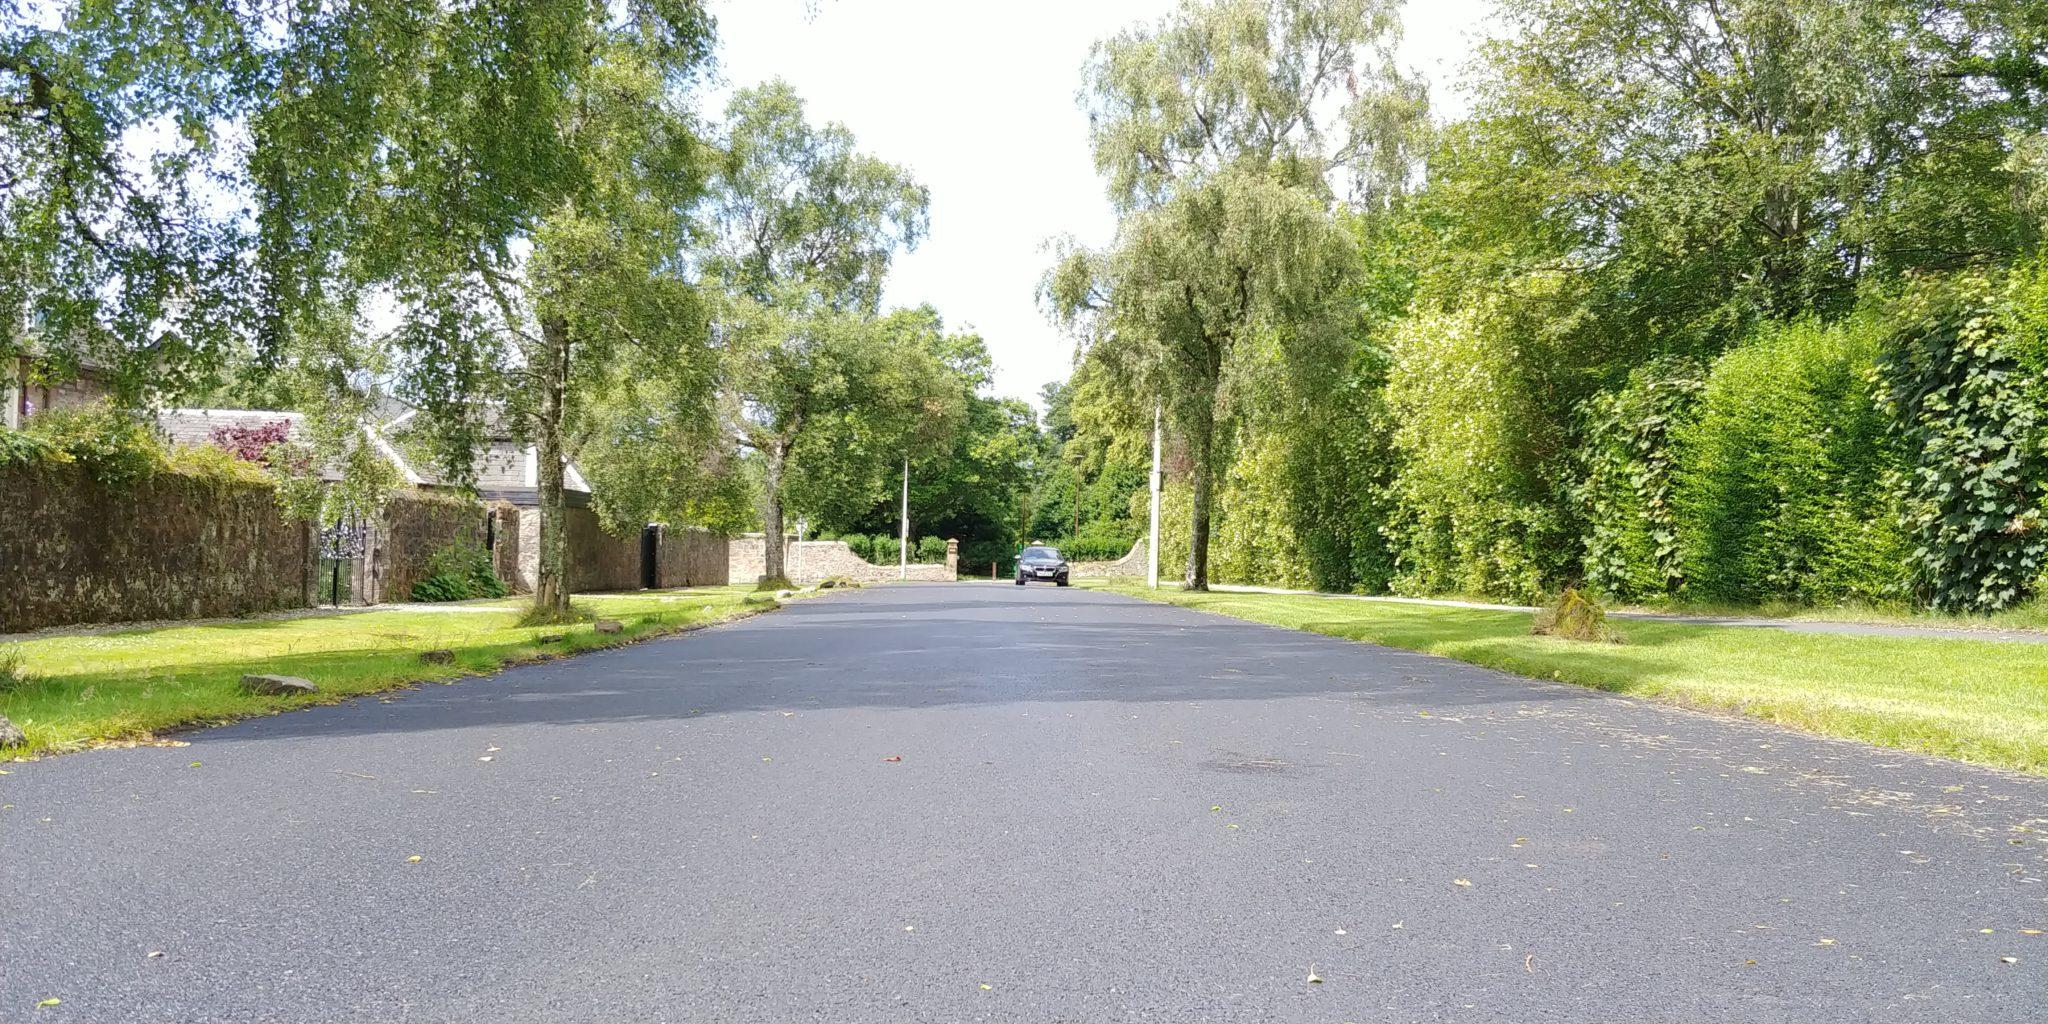 Grant Street resurfaced